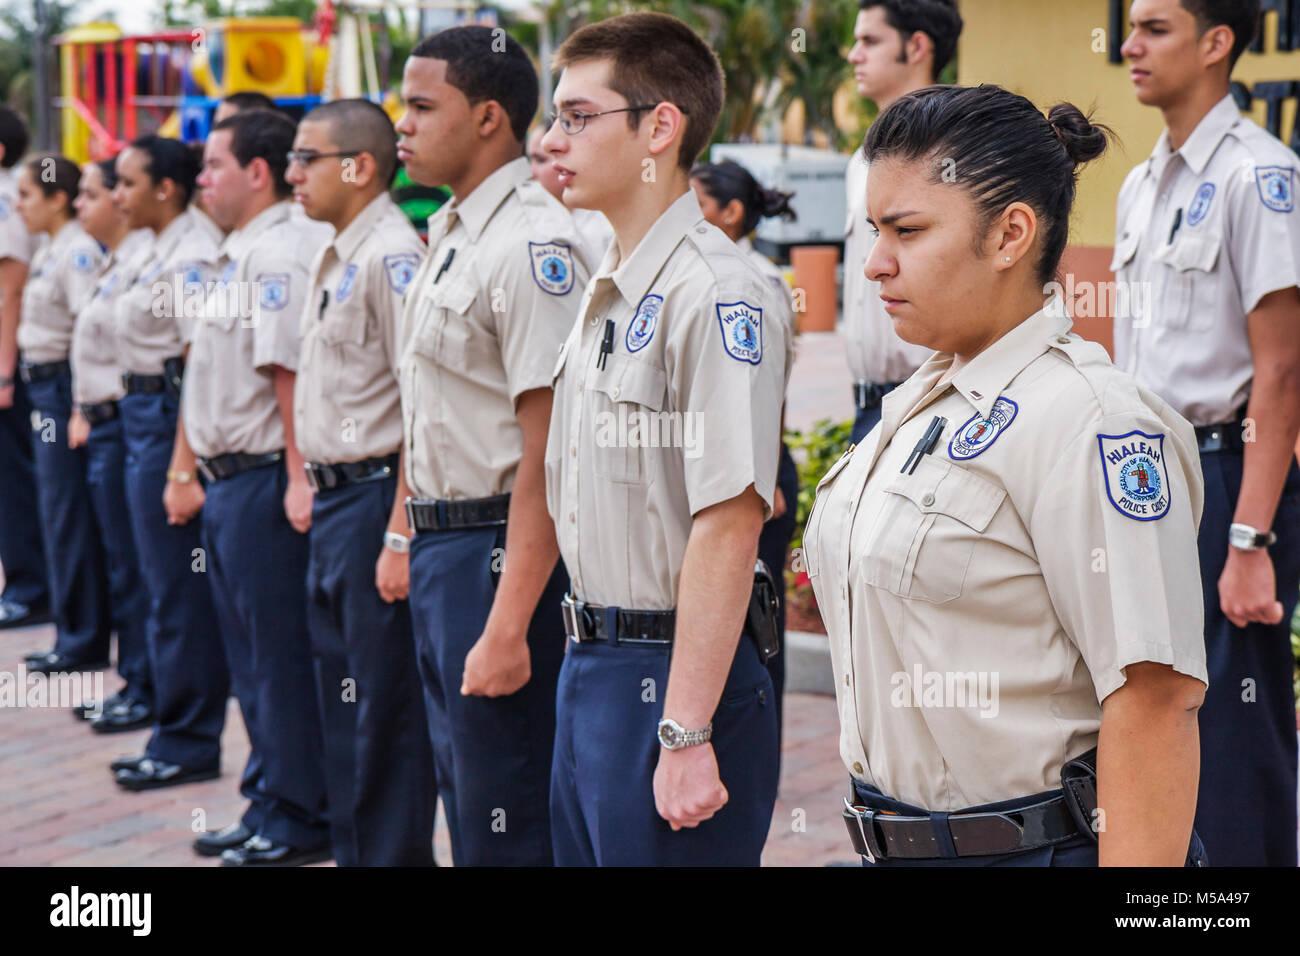 Spanische Polizei Kadett jungen Mädchen Teens Uniformen Disziplin Charakter Freiwilligen Strafverfolgung Bohrer Stockbild